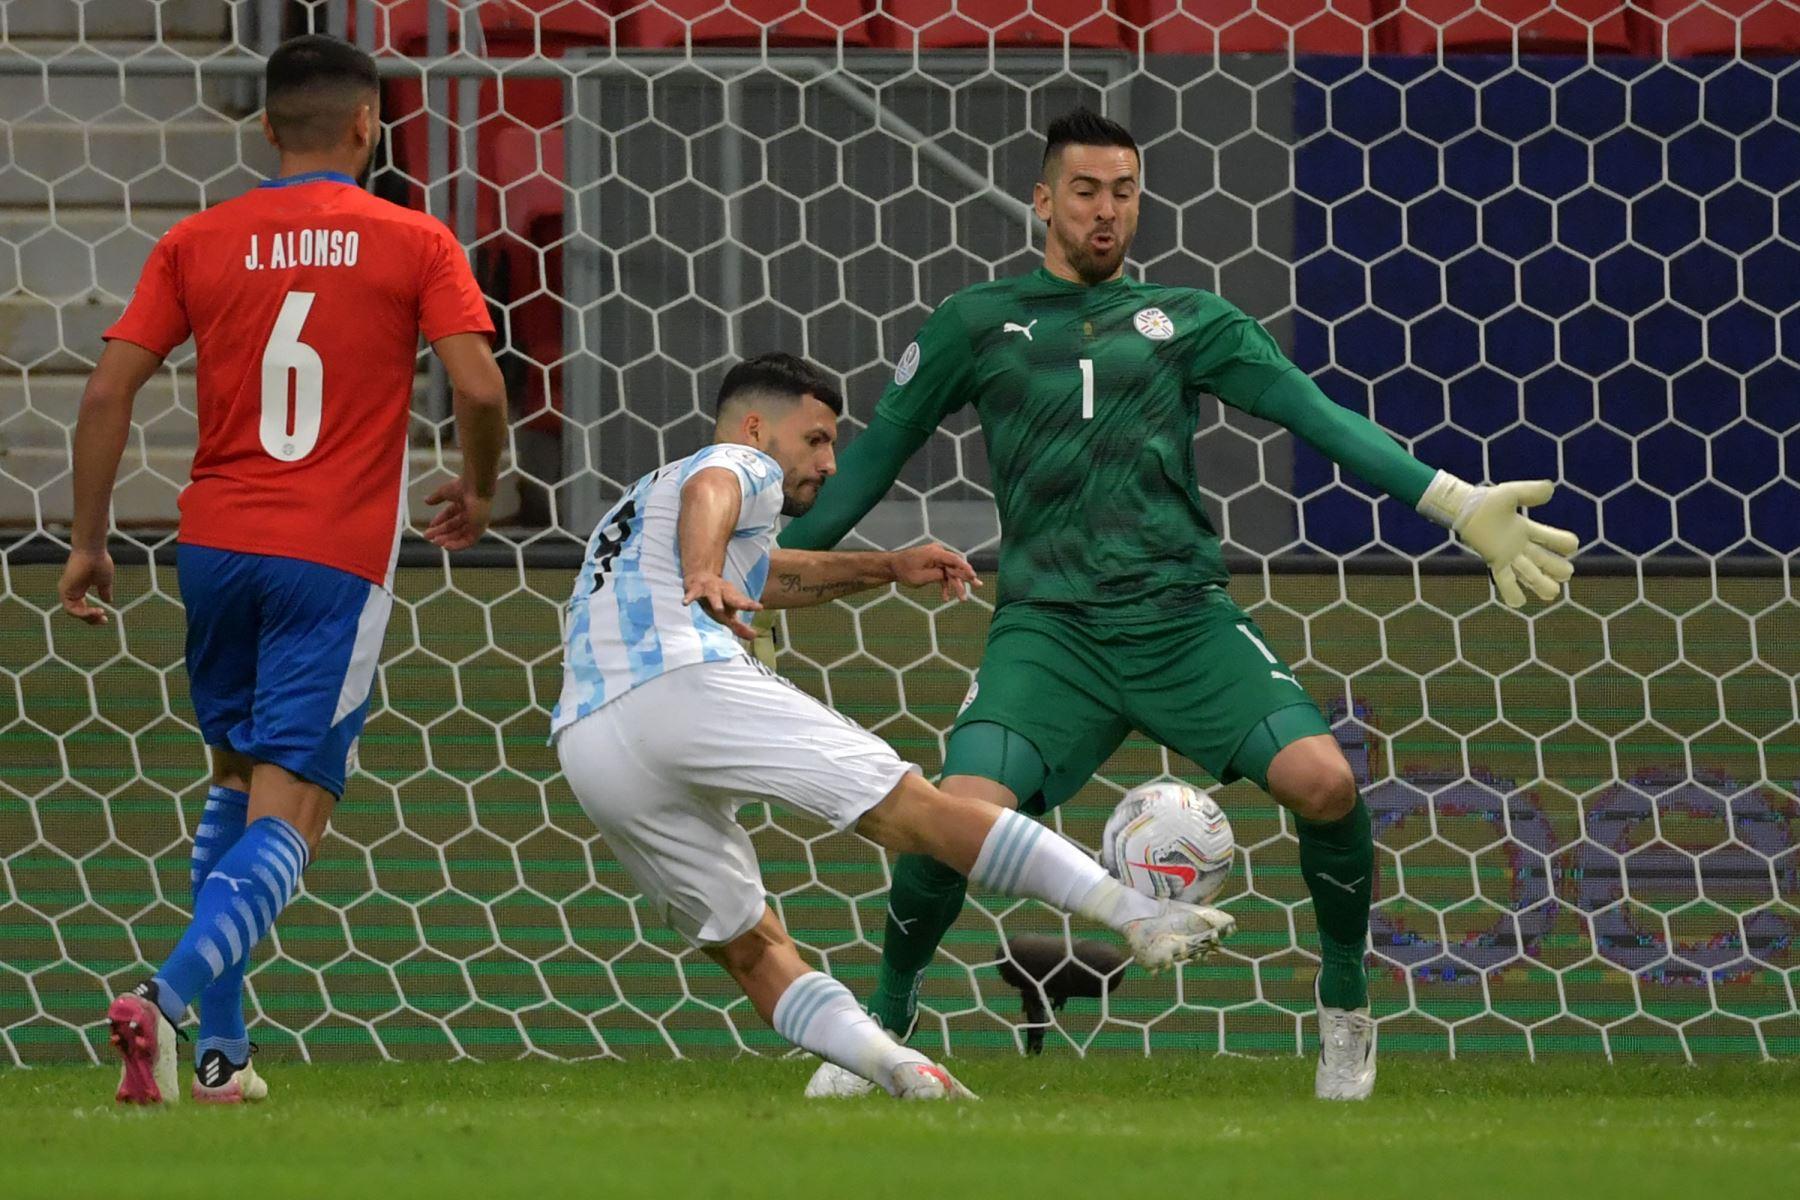 Sergio Agüero de Argentina no logra anotar contra Paraguay durante el partido de la fase de grupos del torneo de fútbol Conmebol Copa América 2021 en el Estadio Mane Garrincha en Brasilia. Foto: AFP